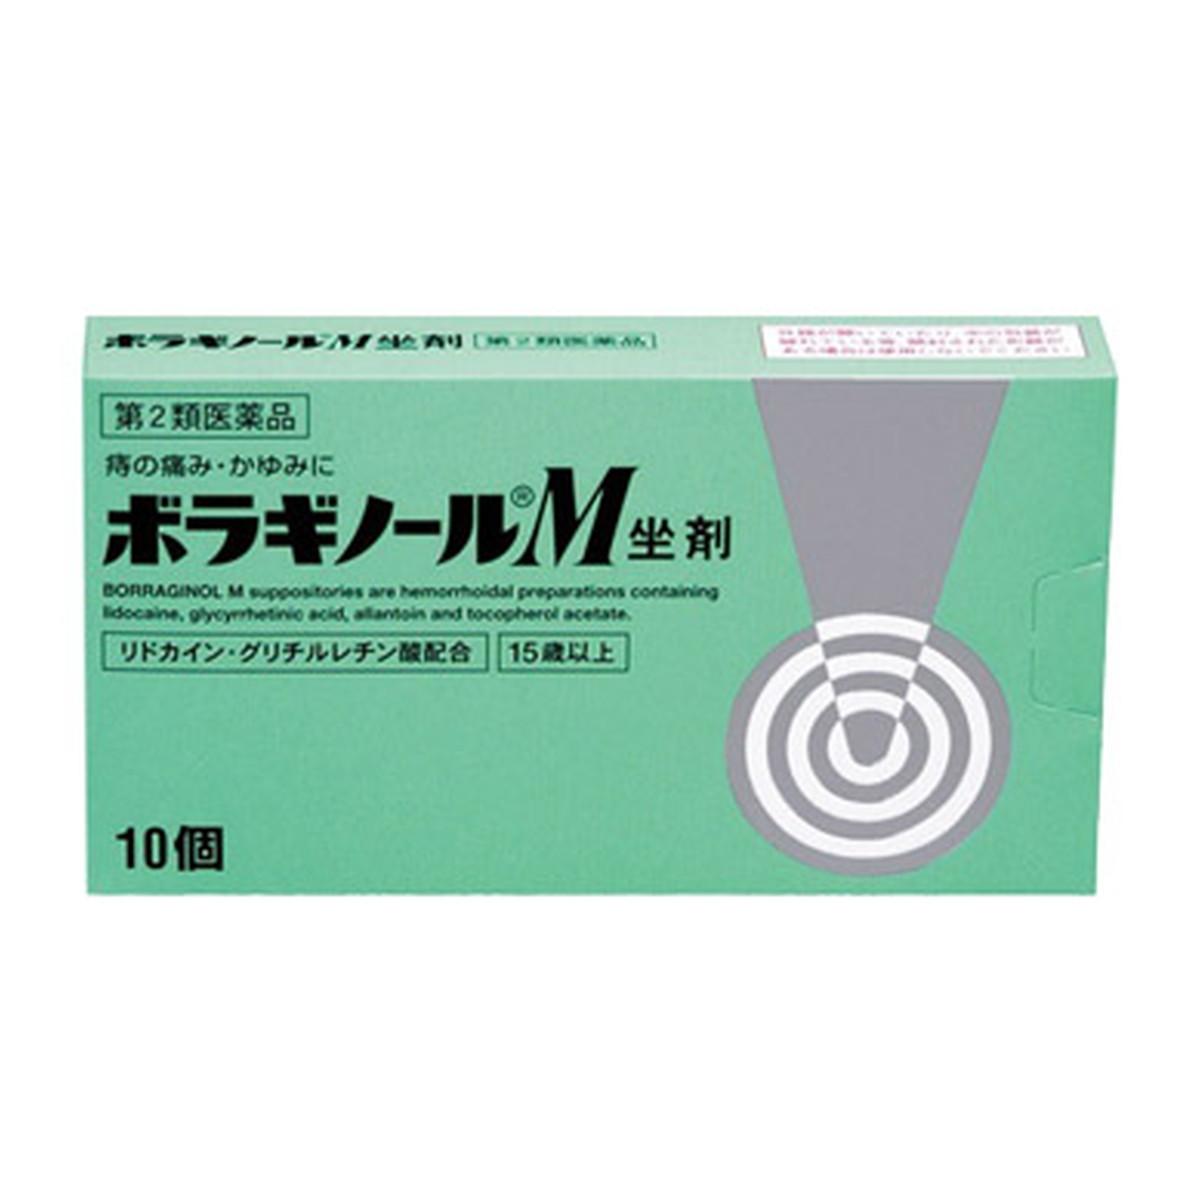 【送料無料・まとめ買い×20個セット】【第2類医薬品】武田薬品工業 ボラギノールM 坐剤 10個